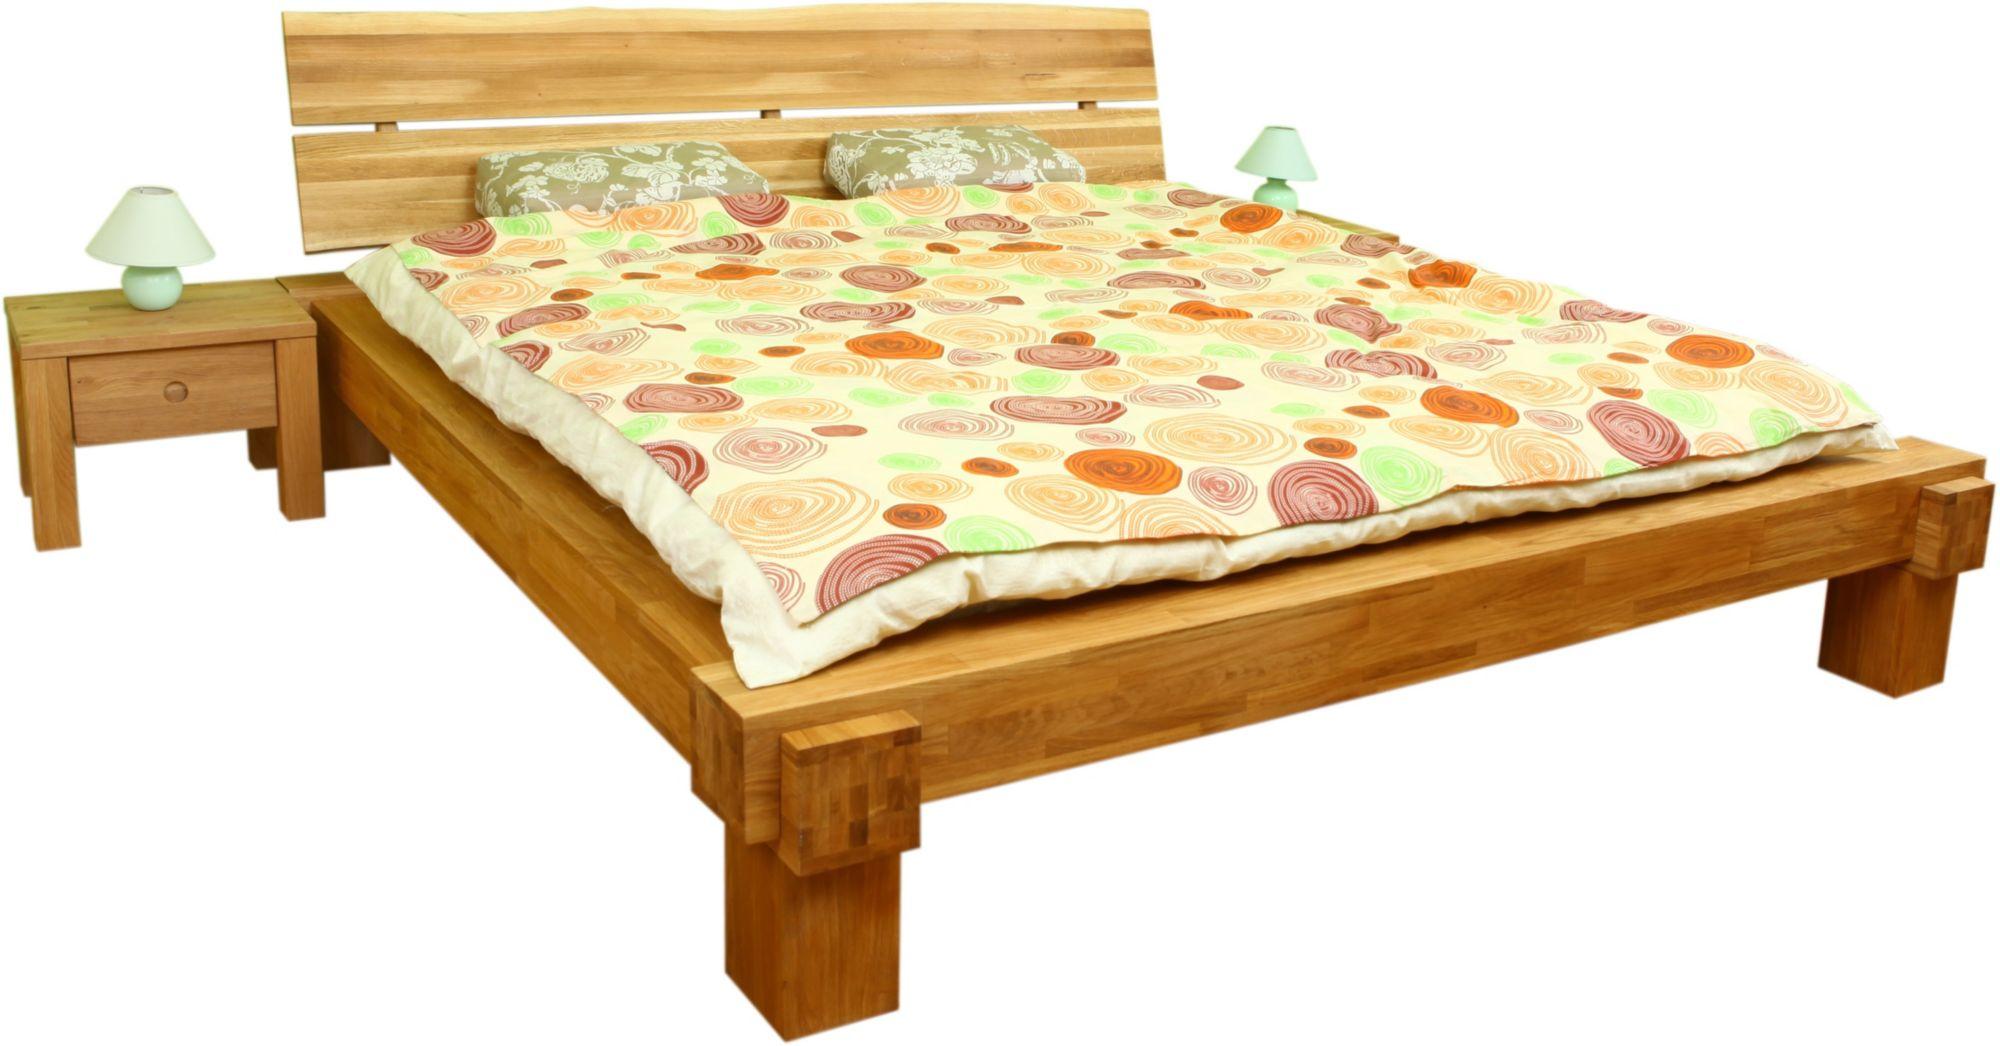 bett home affaire in baumkanten optik schwab versand. Black Bedroom Furniture Sets. Home Design Ideas